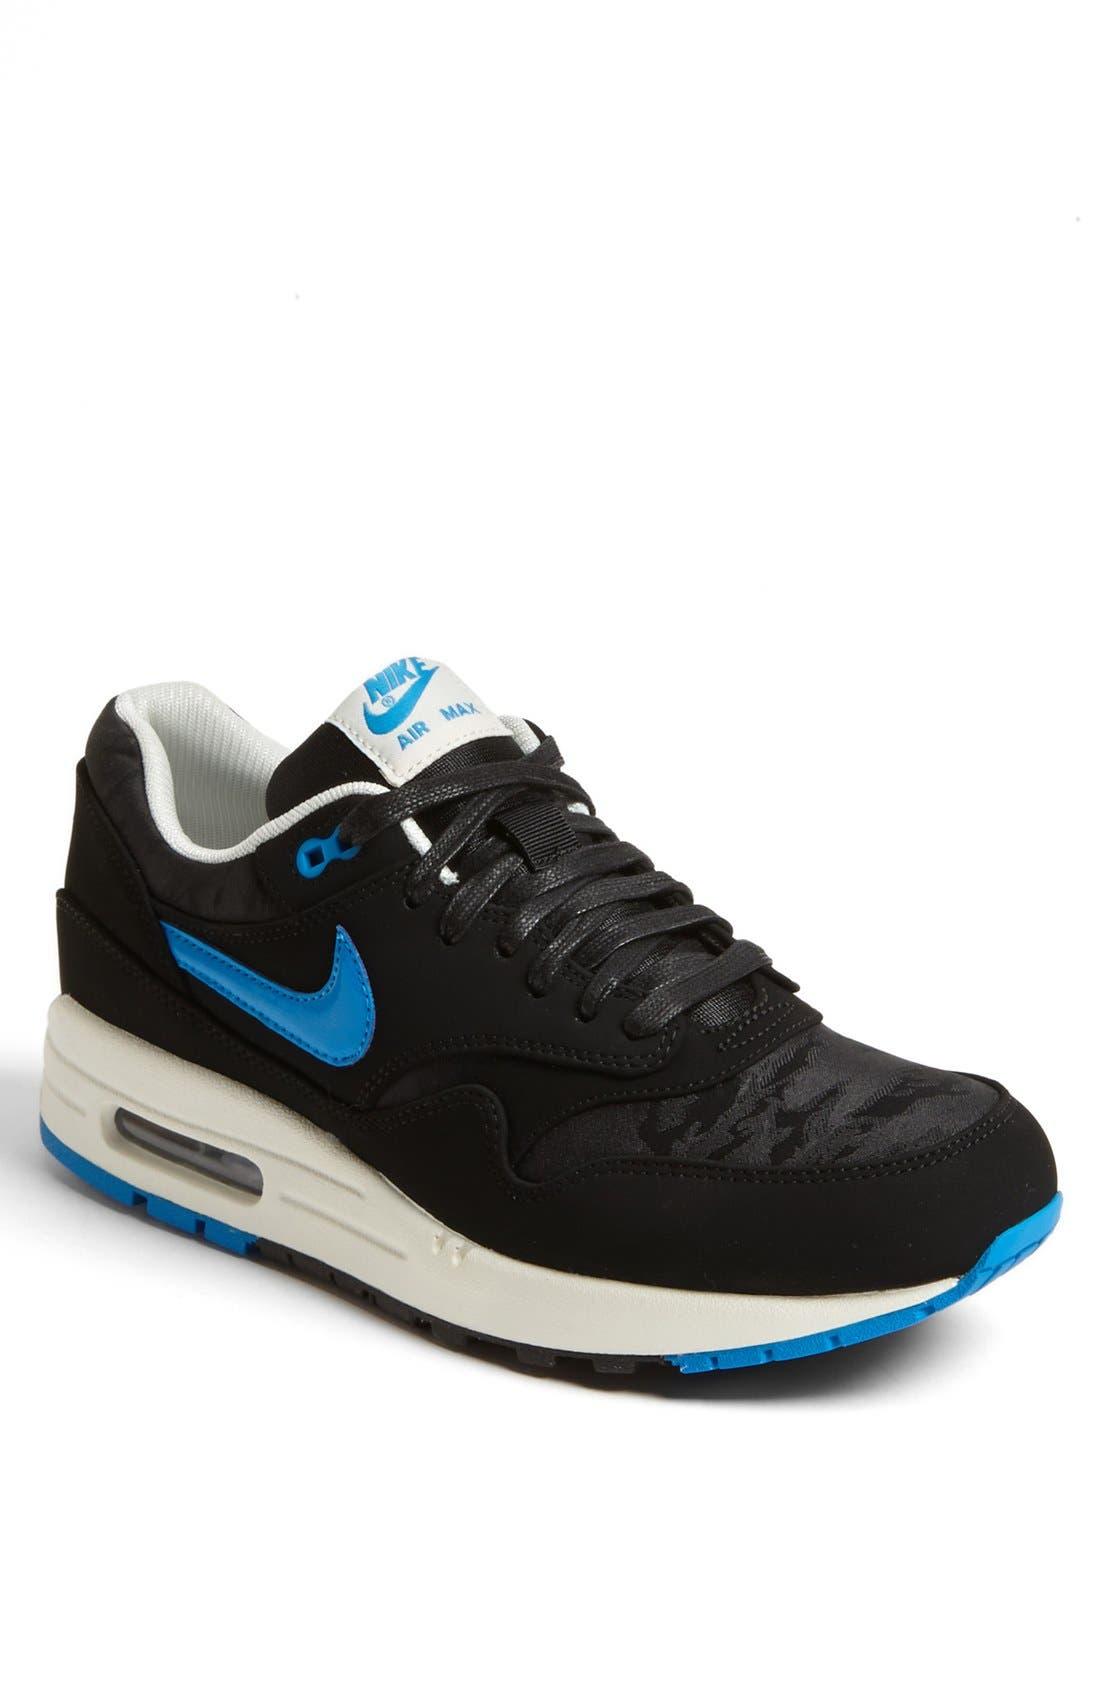 NIKE 'Air Max 1 Premium' Sneaker, Main, color, 014